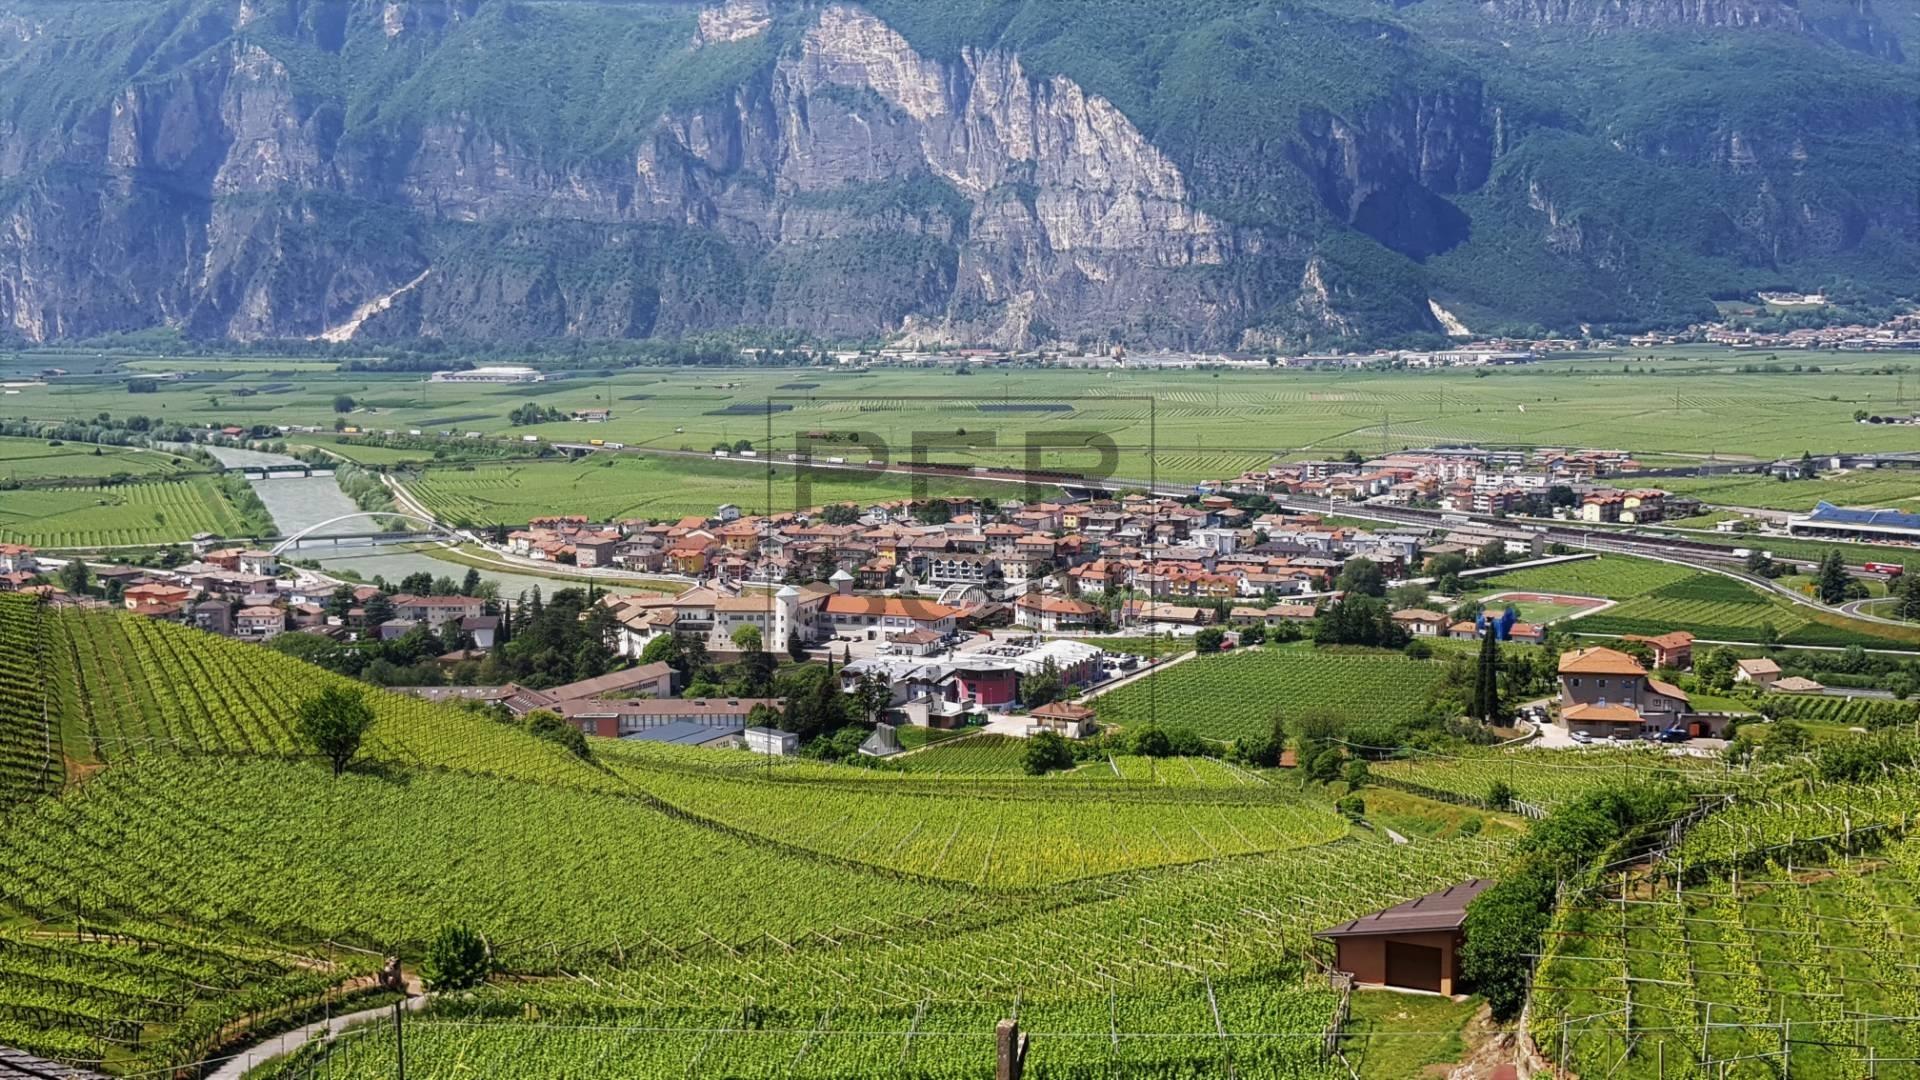 Appartamento in affitto a San Michele all'Adige, 3 locali, prezzo € 650 | CambioCasa.it